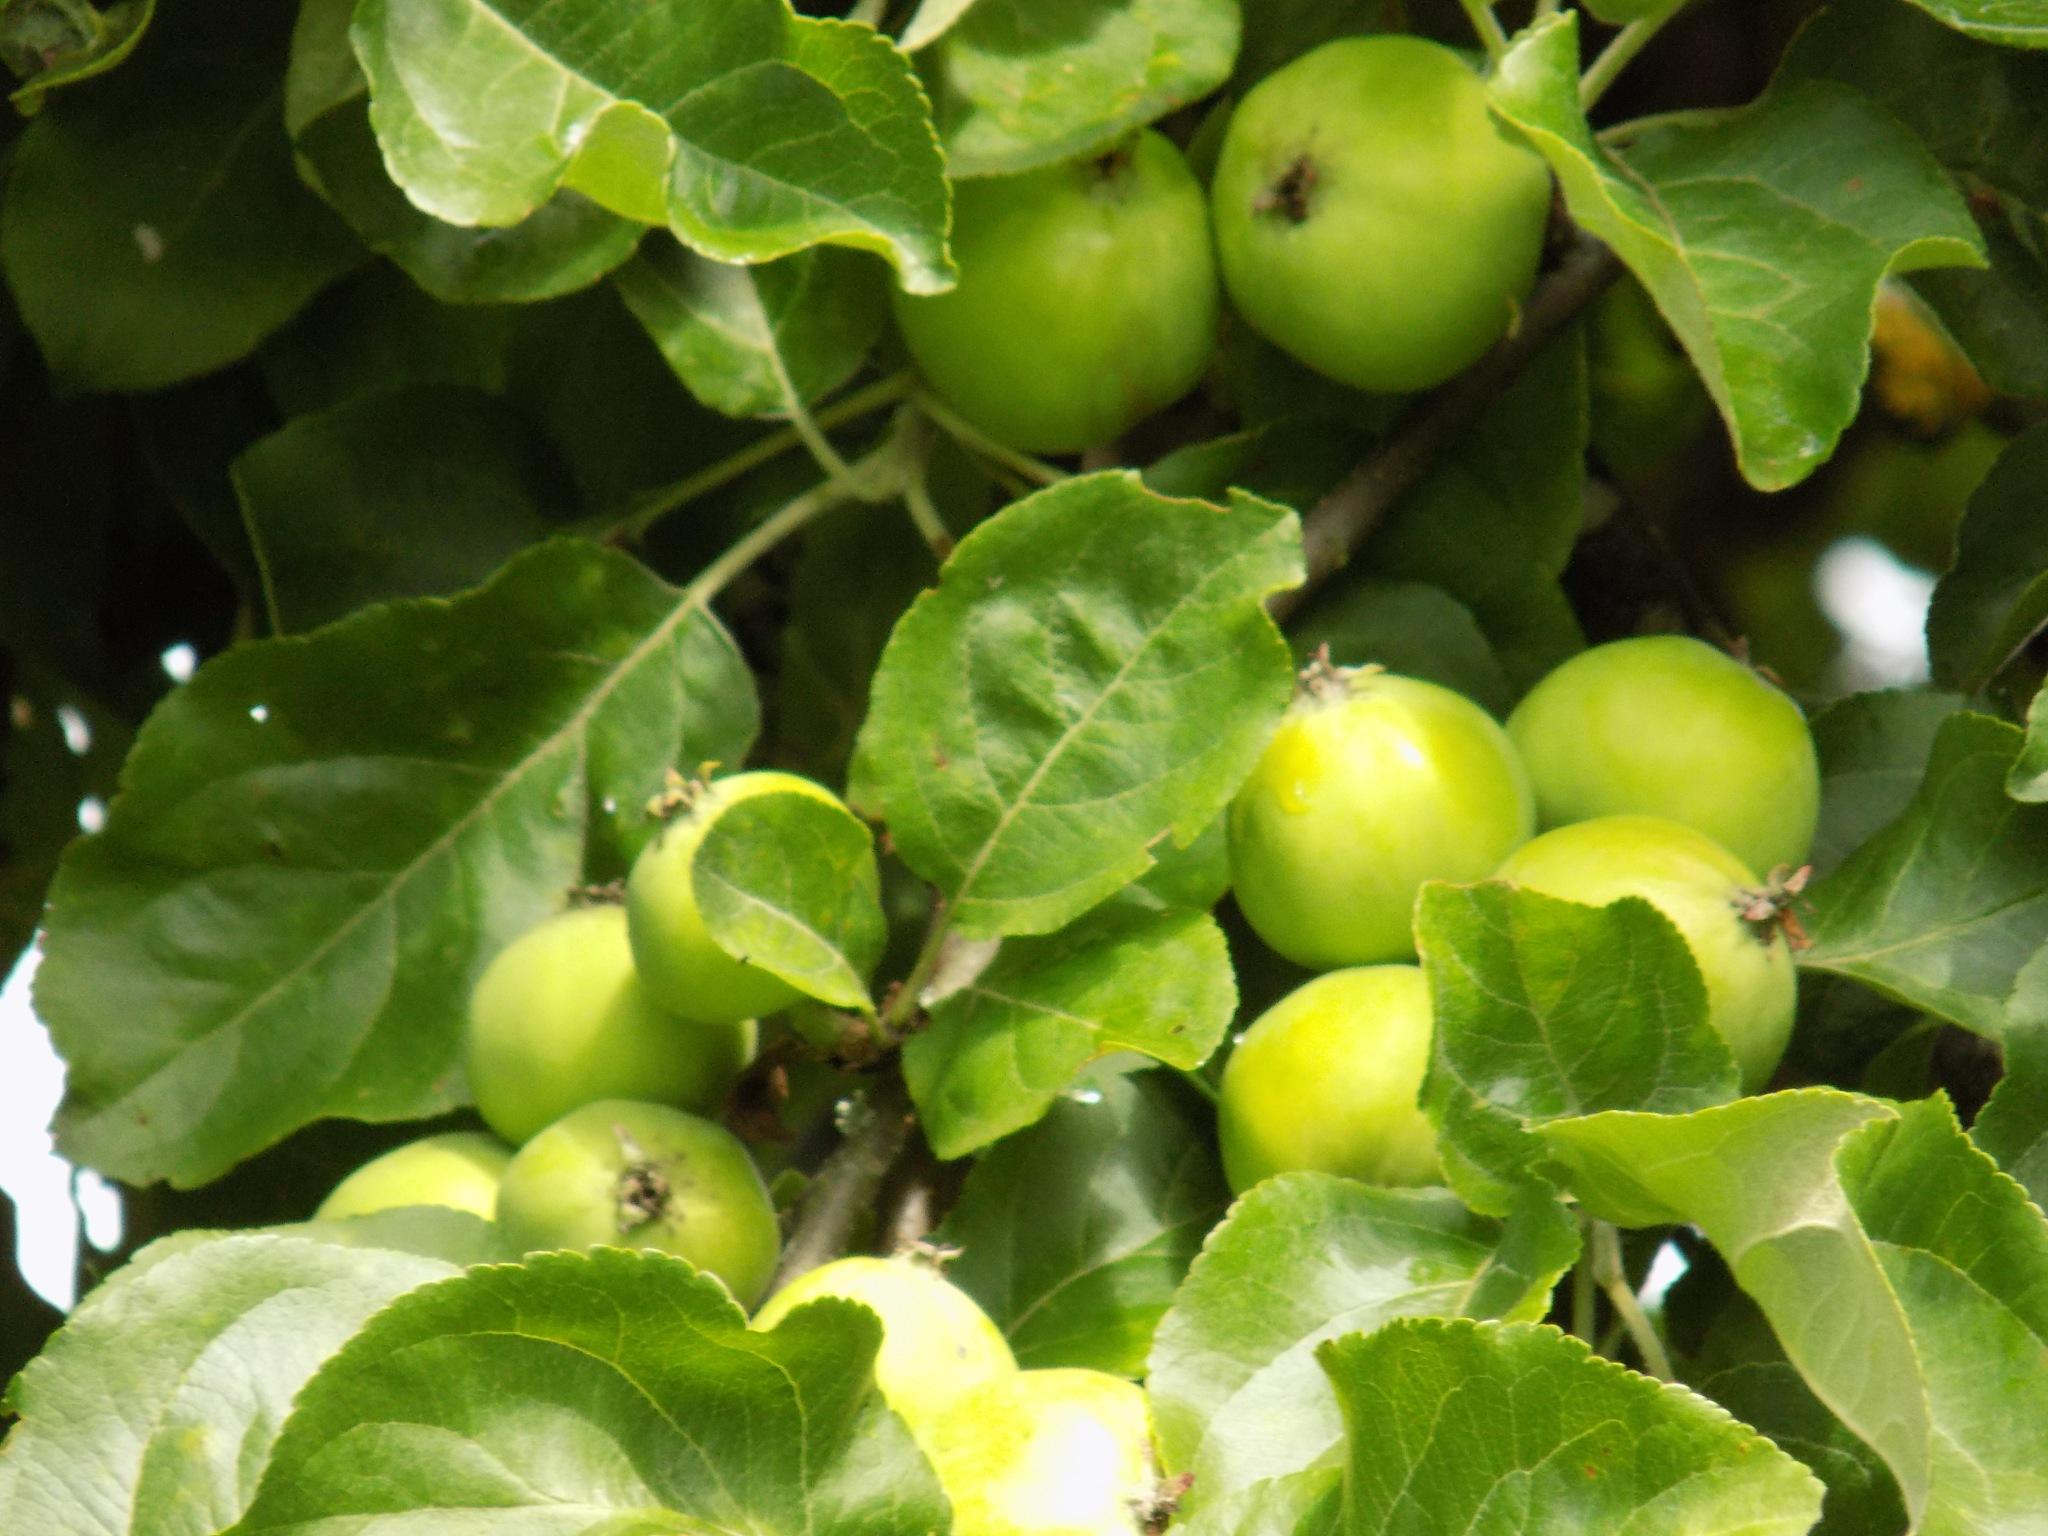 Green apples by uzkuraitiene62